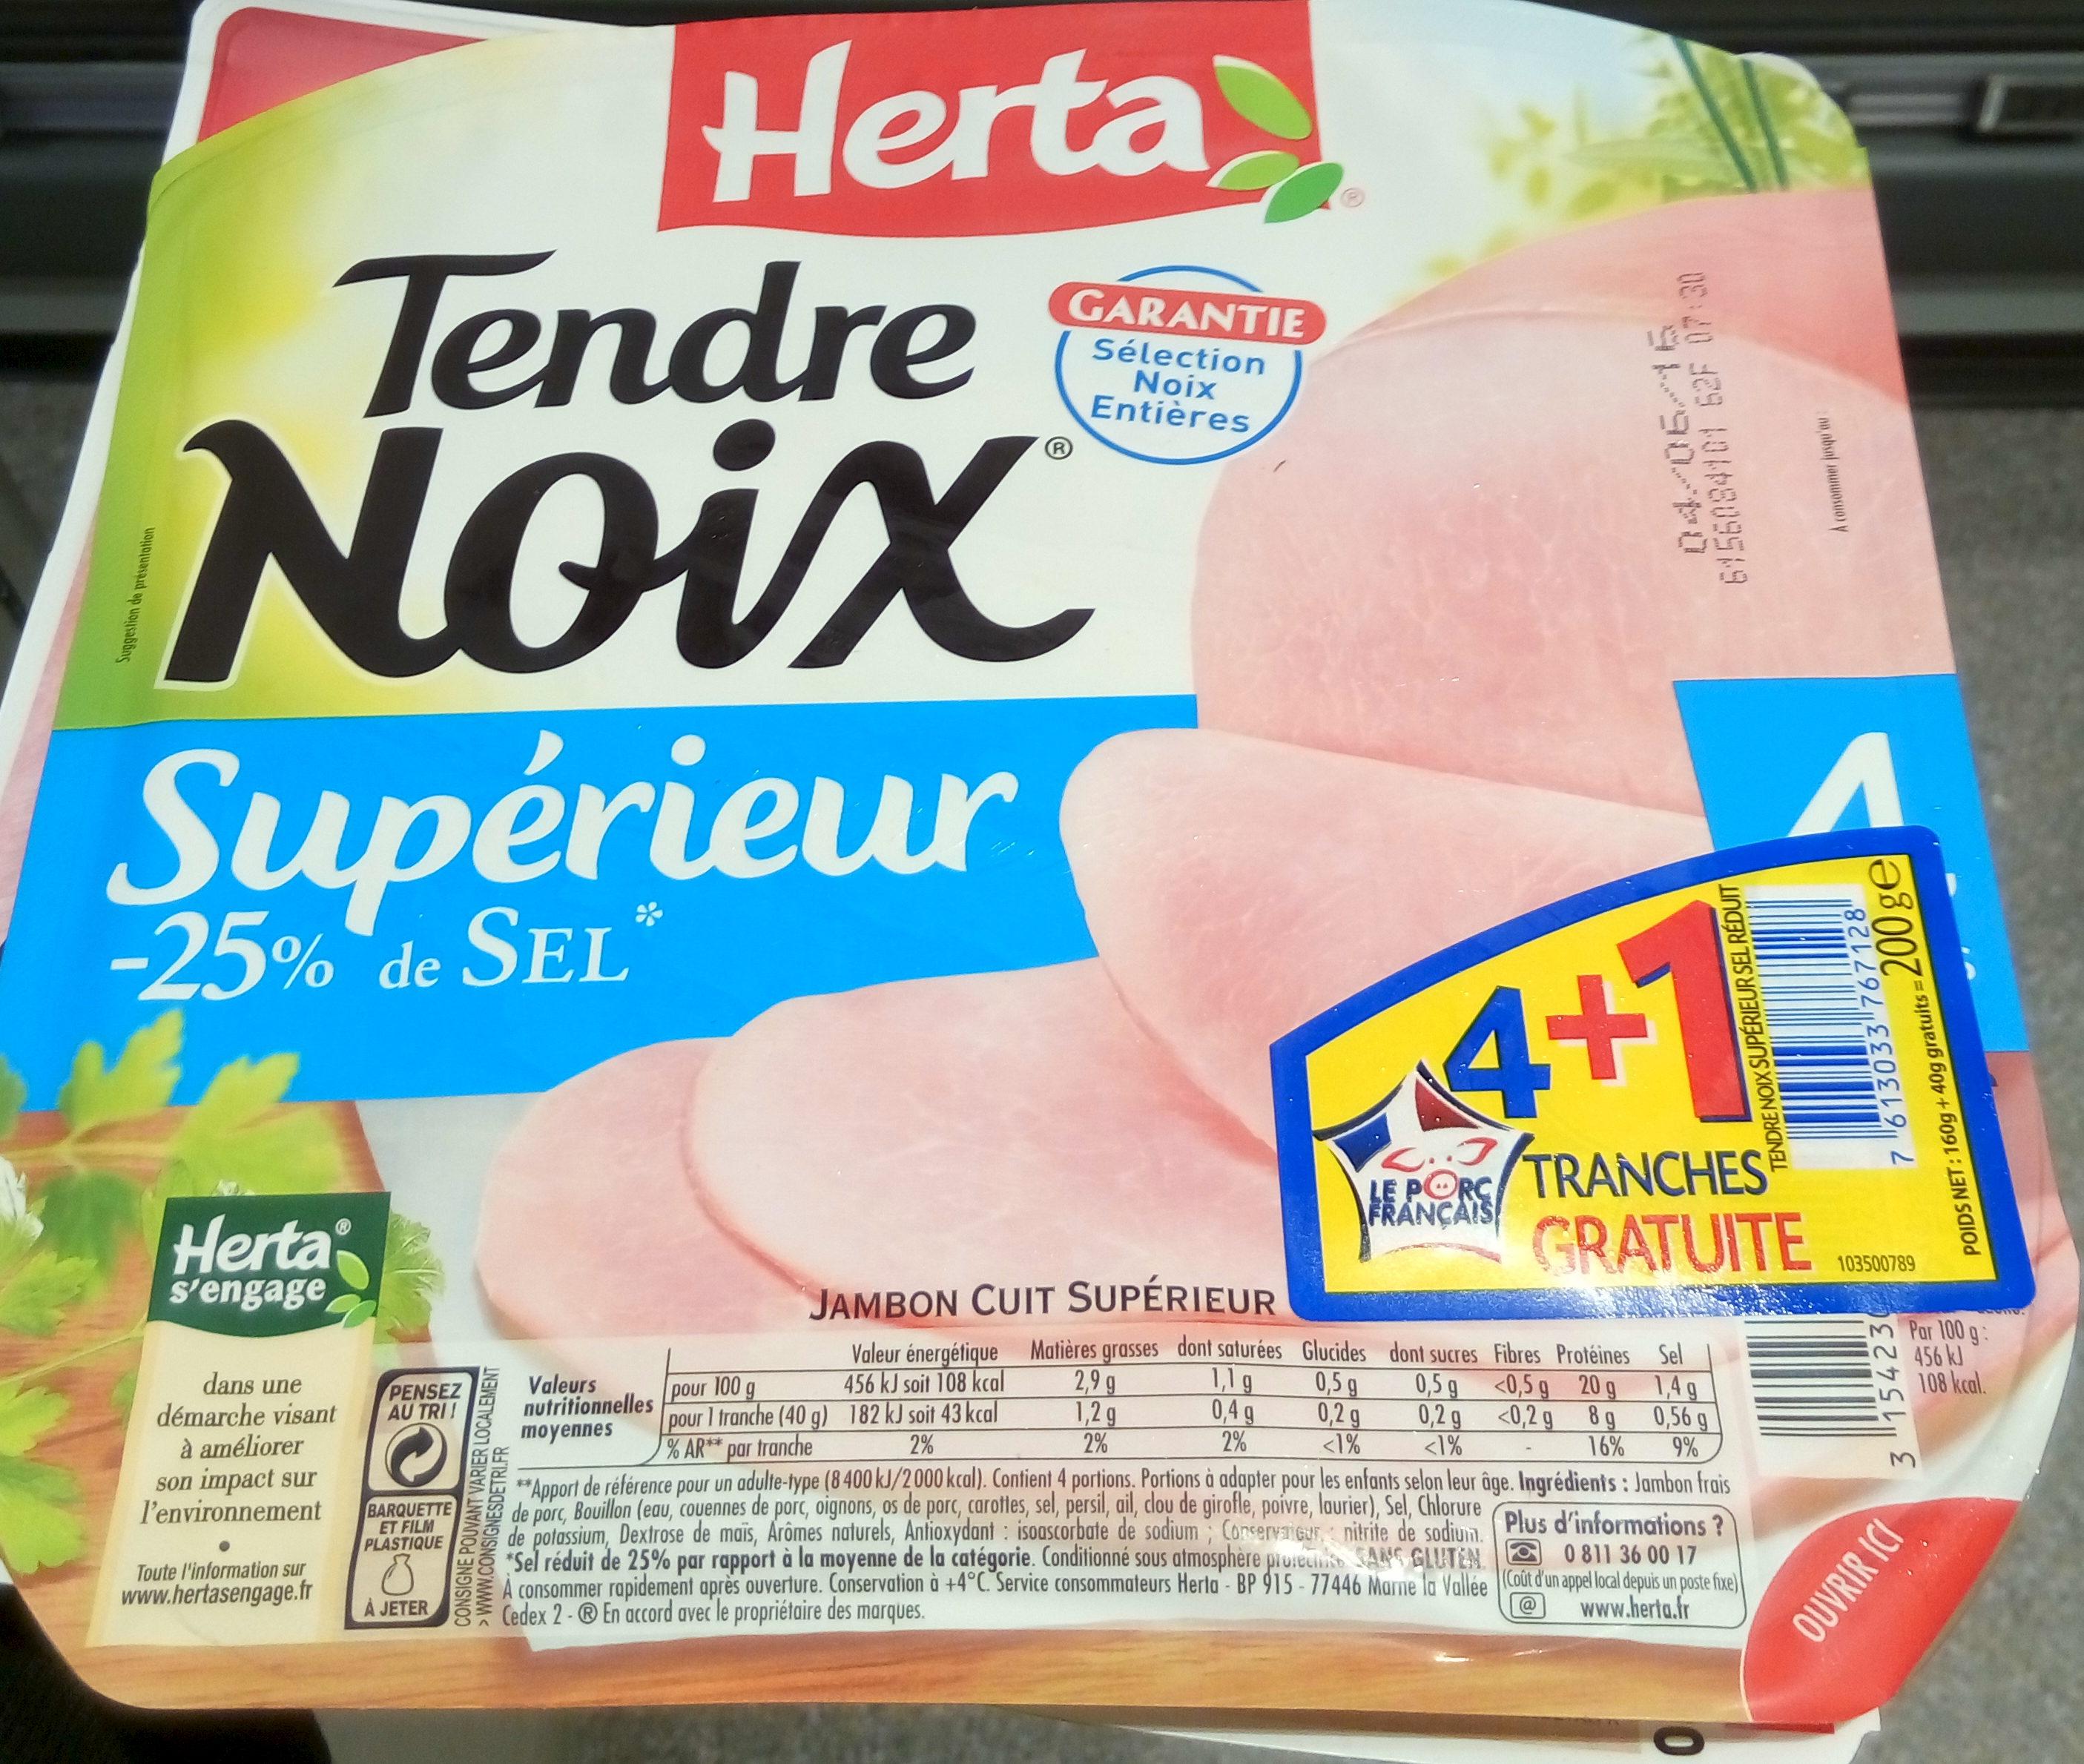 Tendre noix supérieur - Jambon cuit supérieur - Product - fr